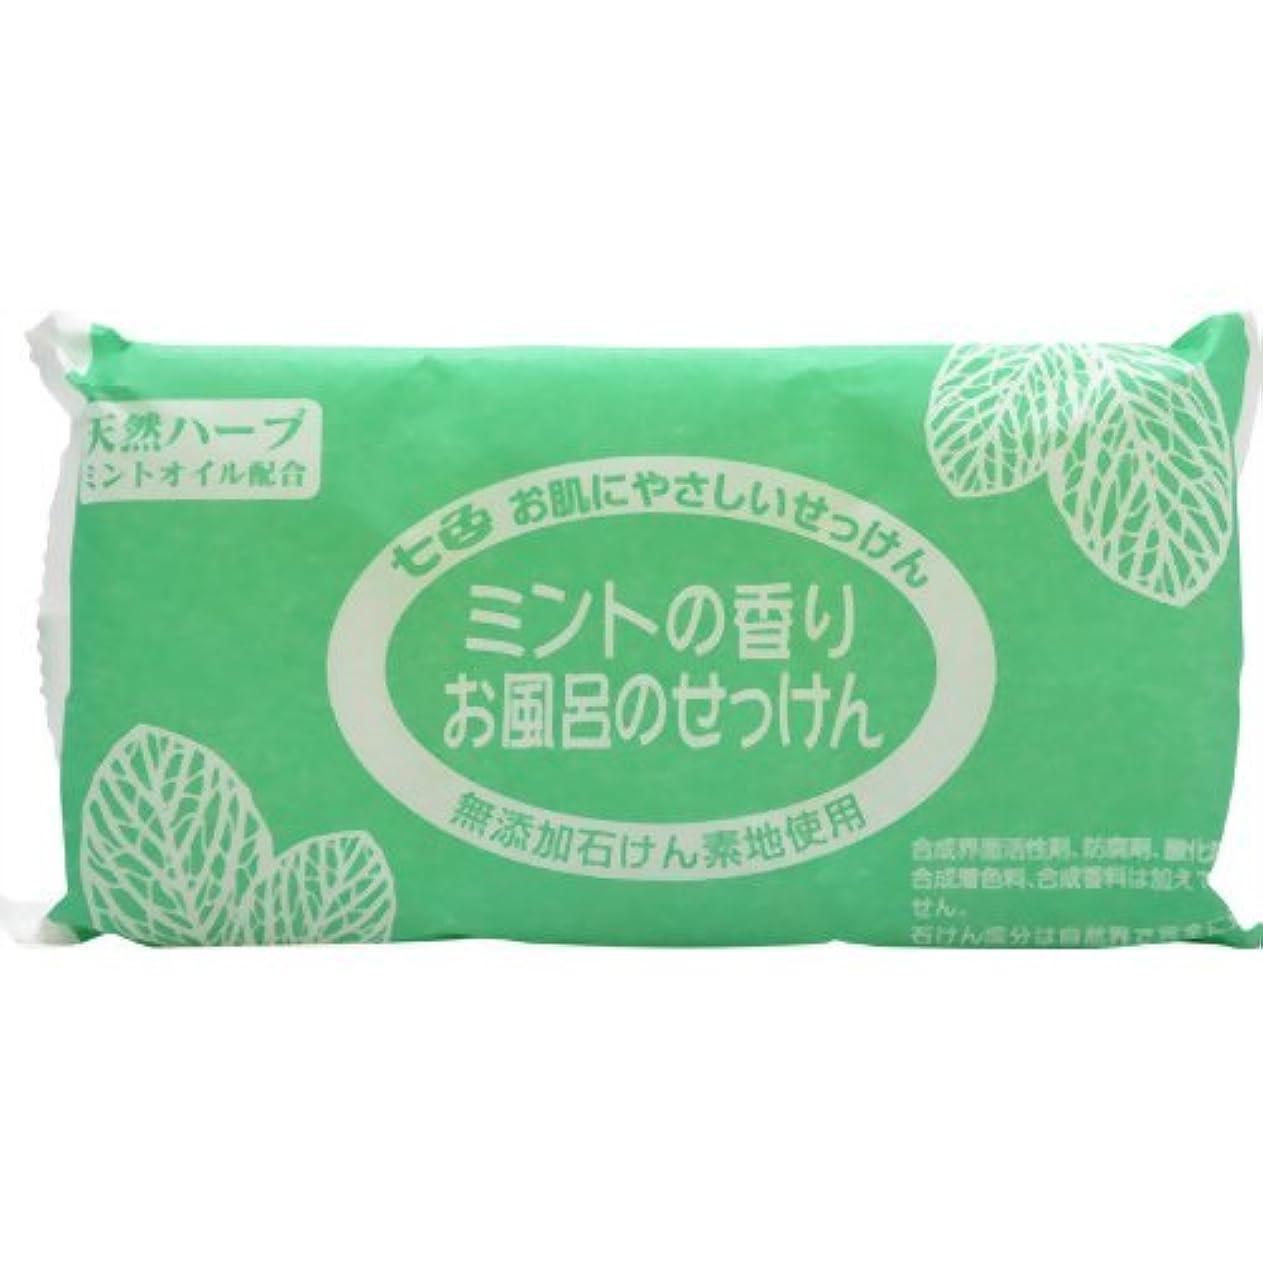 旧正月緊張肯定的七色 お風呂のせっけん ミントの香り(無添加石鹸) 100g×3個入